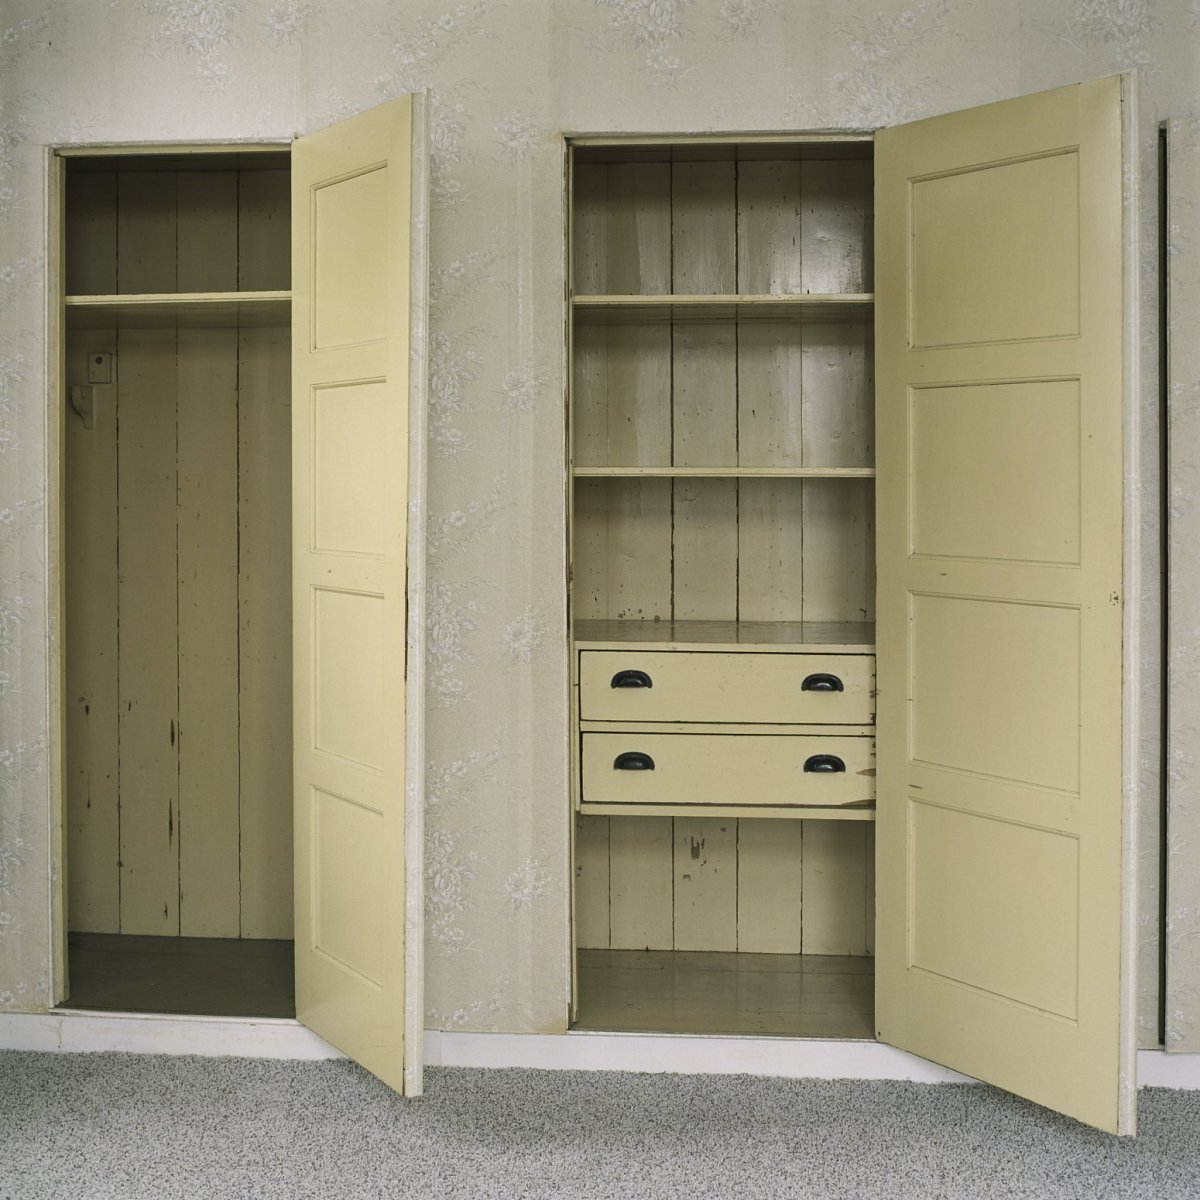 File:Interieur, slaapkamer met wandkasten met geopende deuren, op de ...